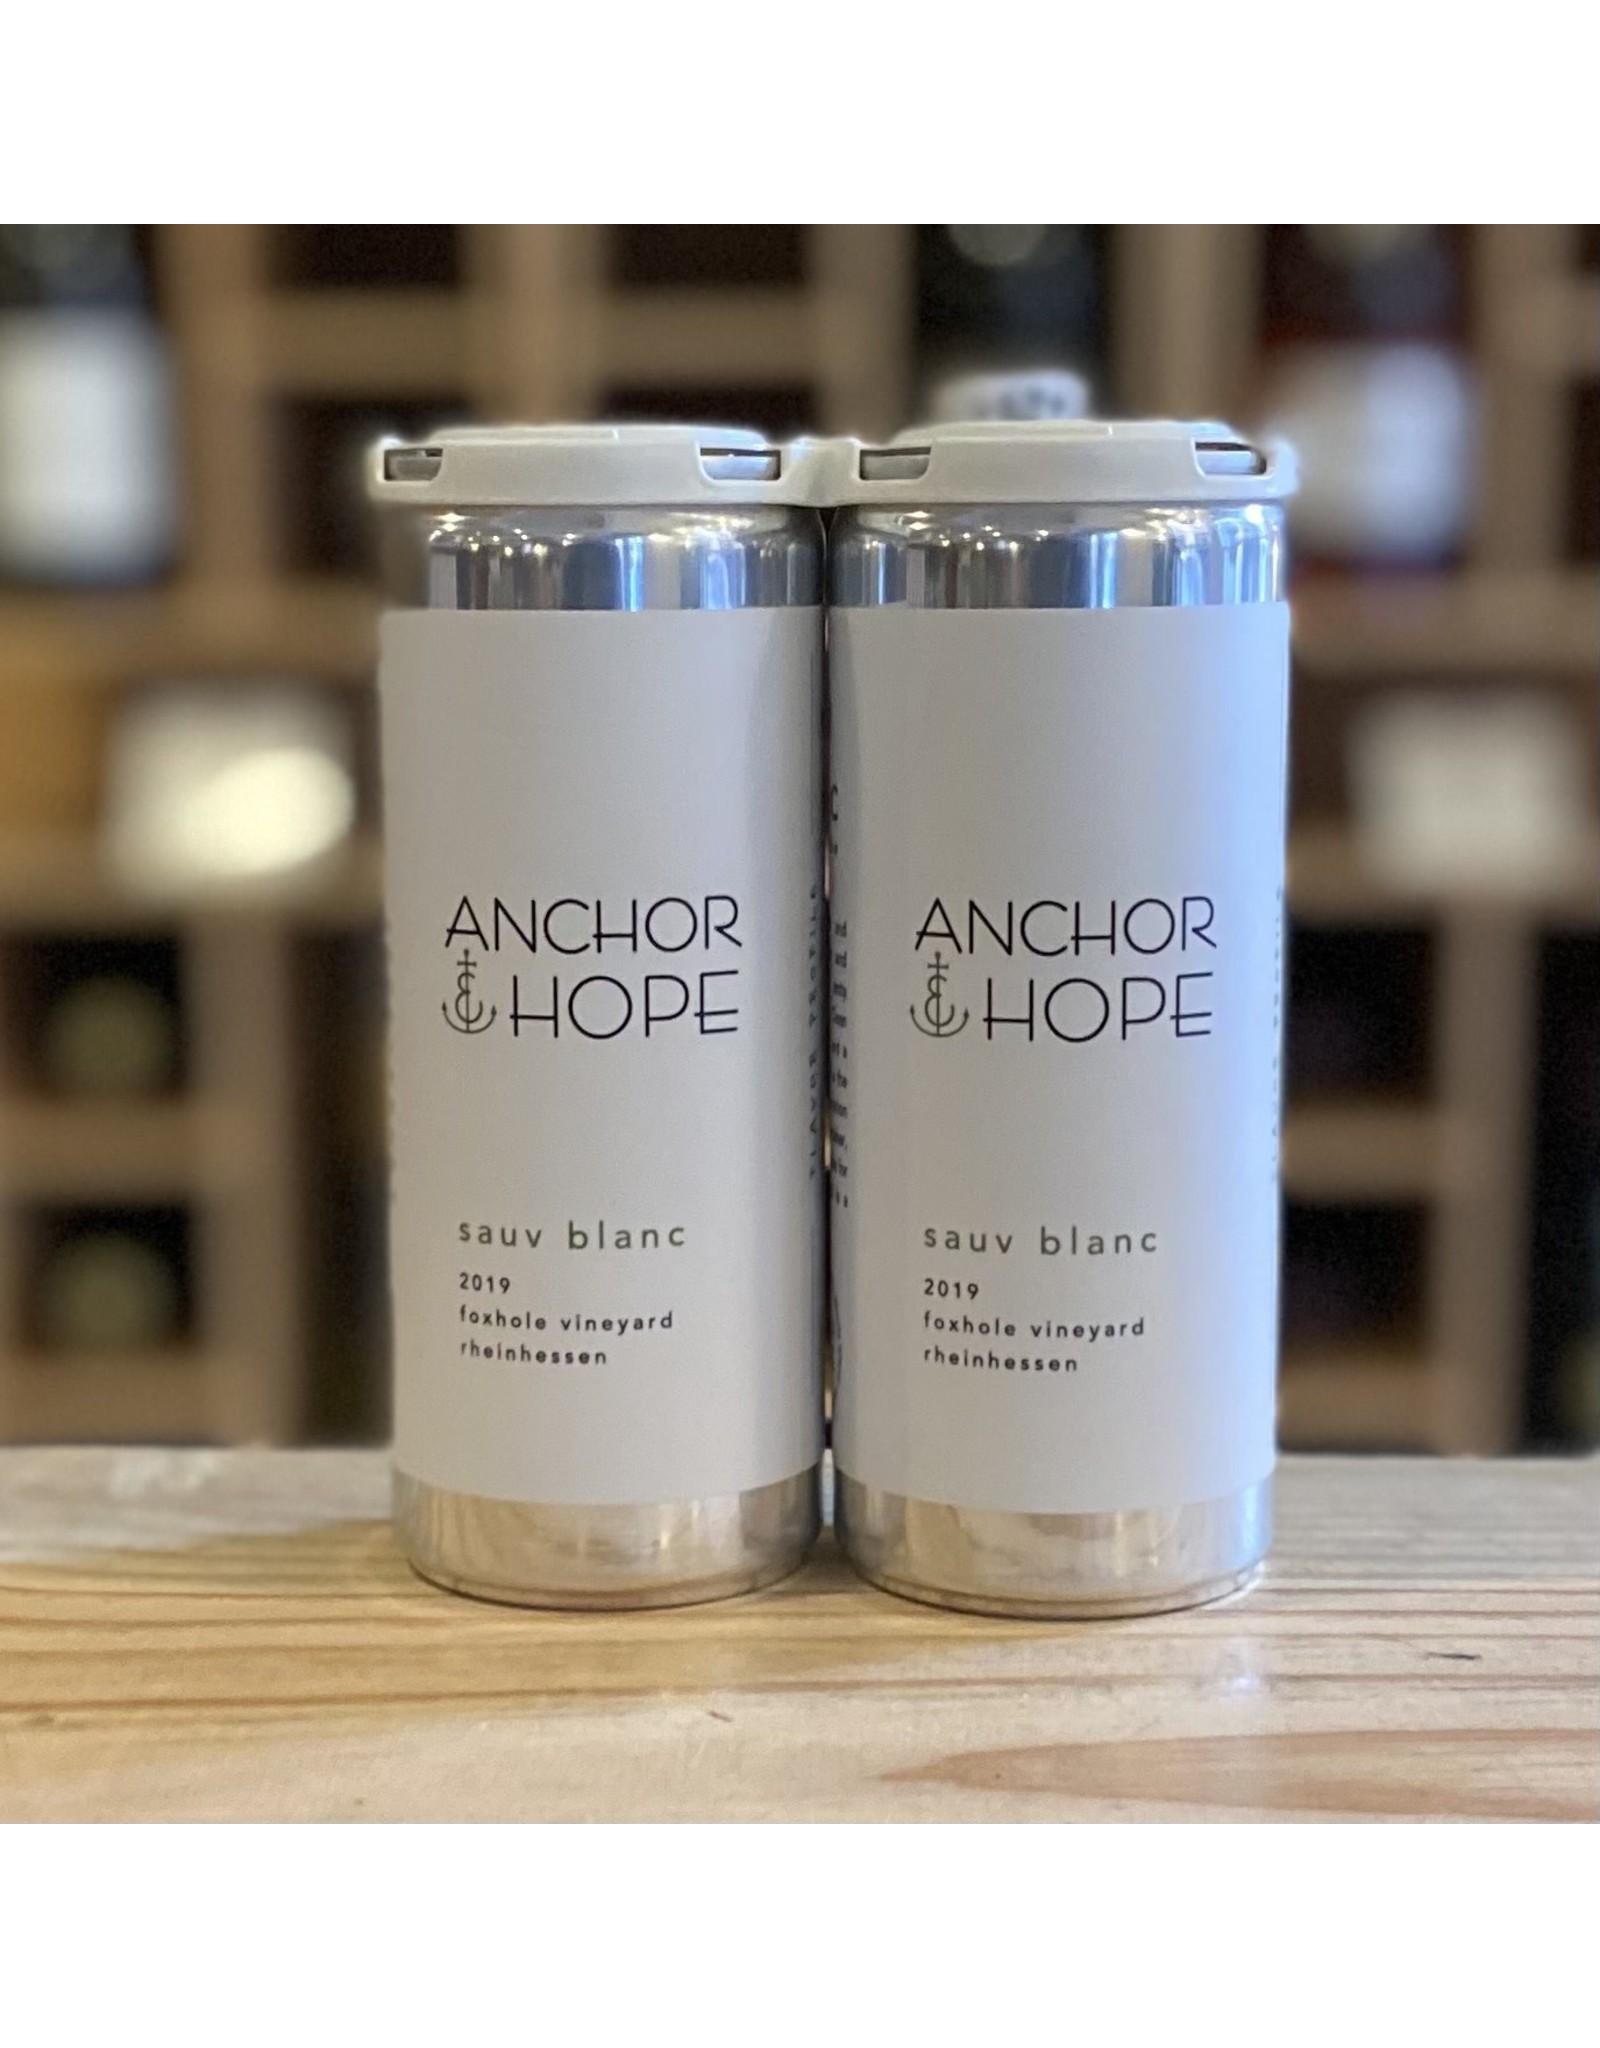 Anchor & Hope Rheinhessen Sauvignon Blanc 2019 - Rumford, RI